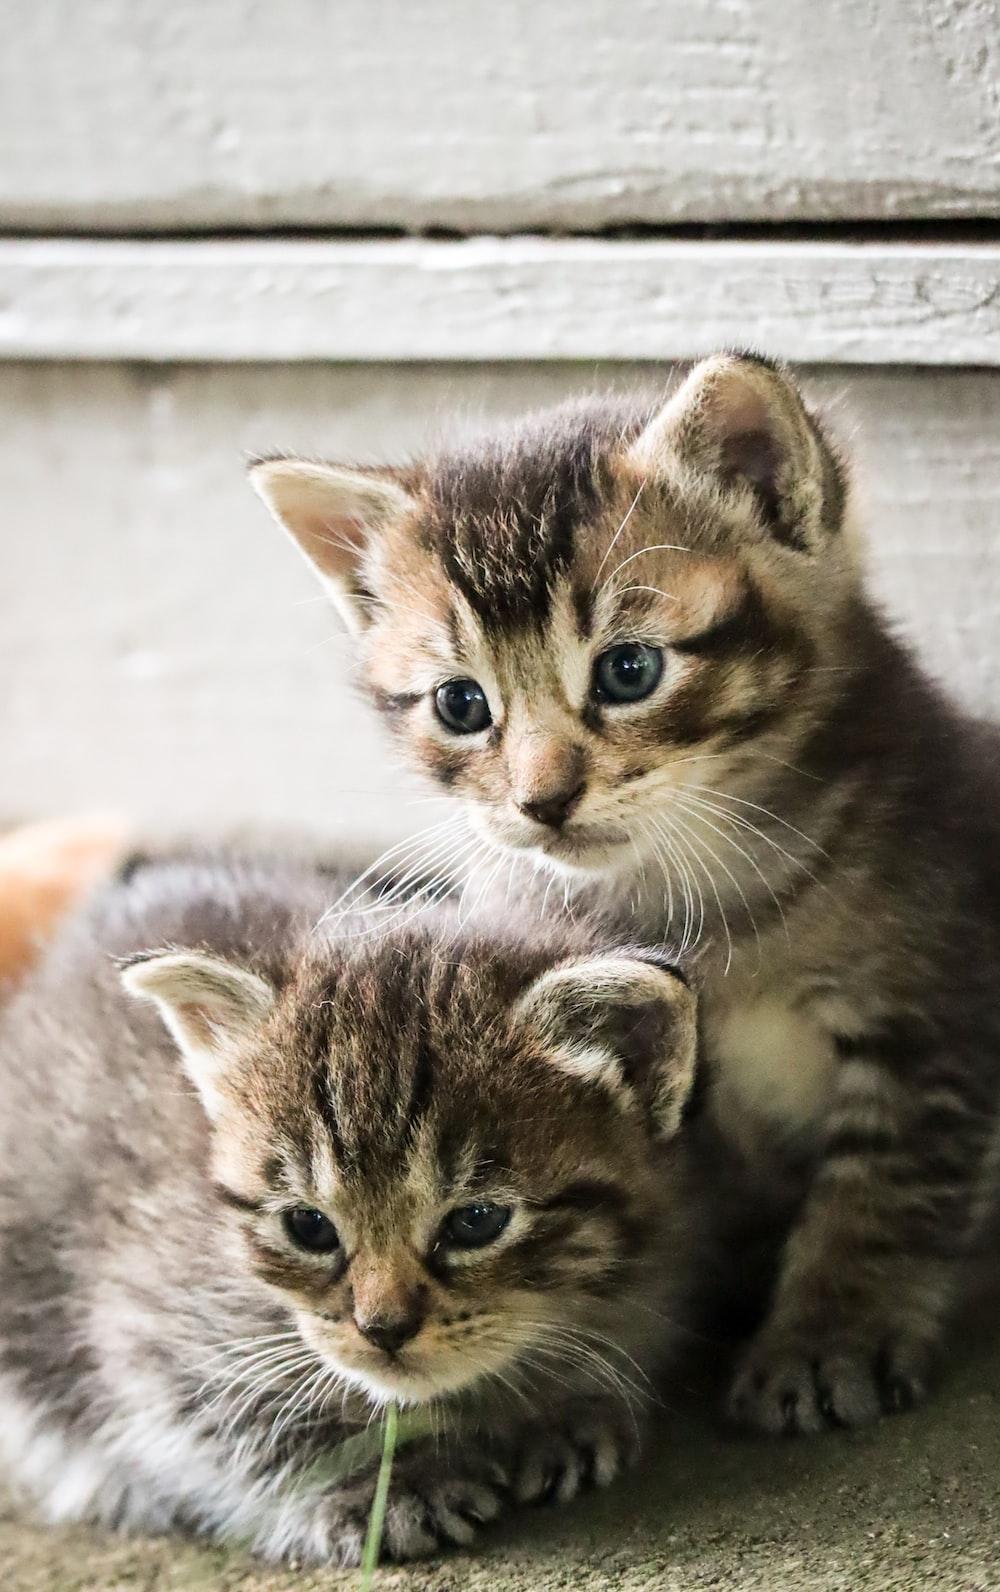 brown tabby kitten on gray concrete floor